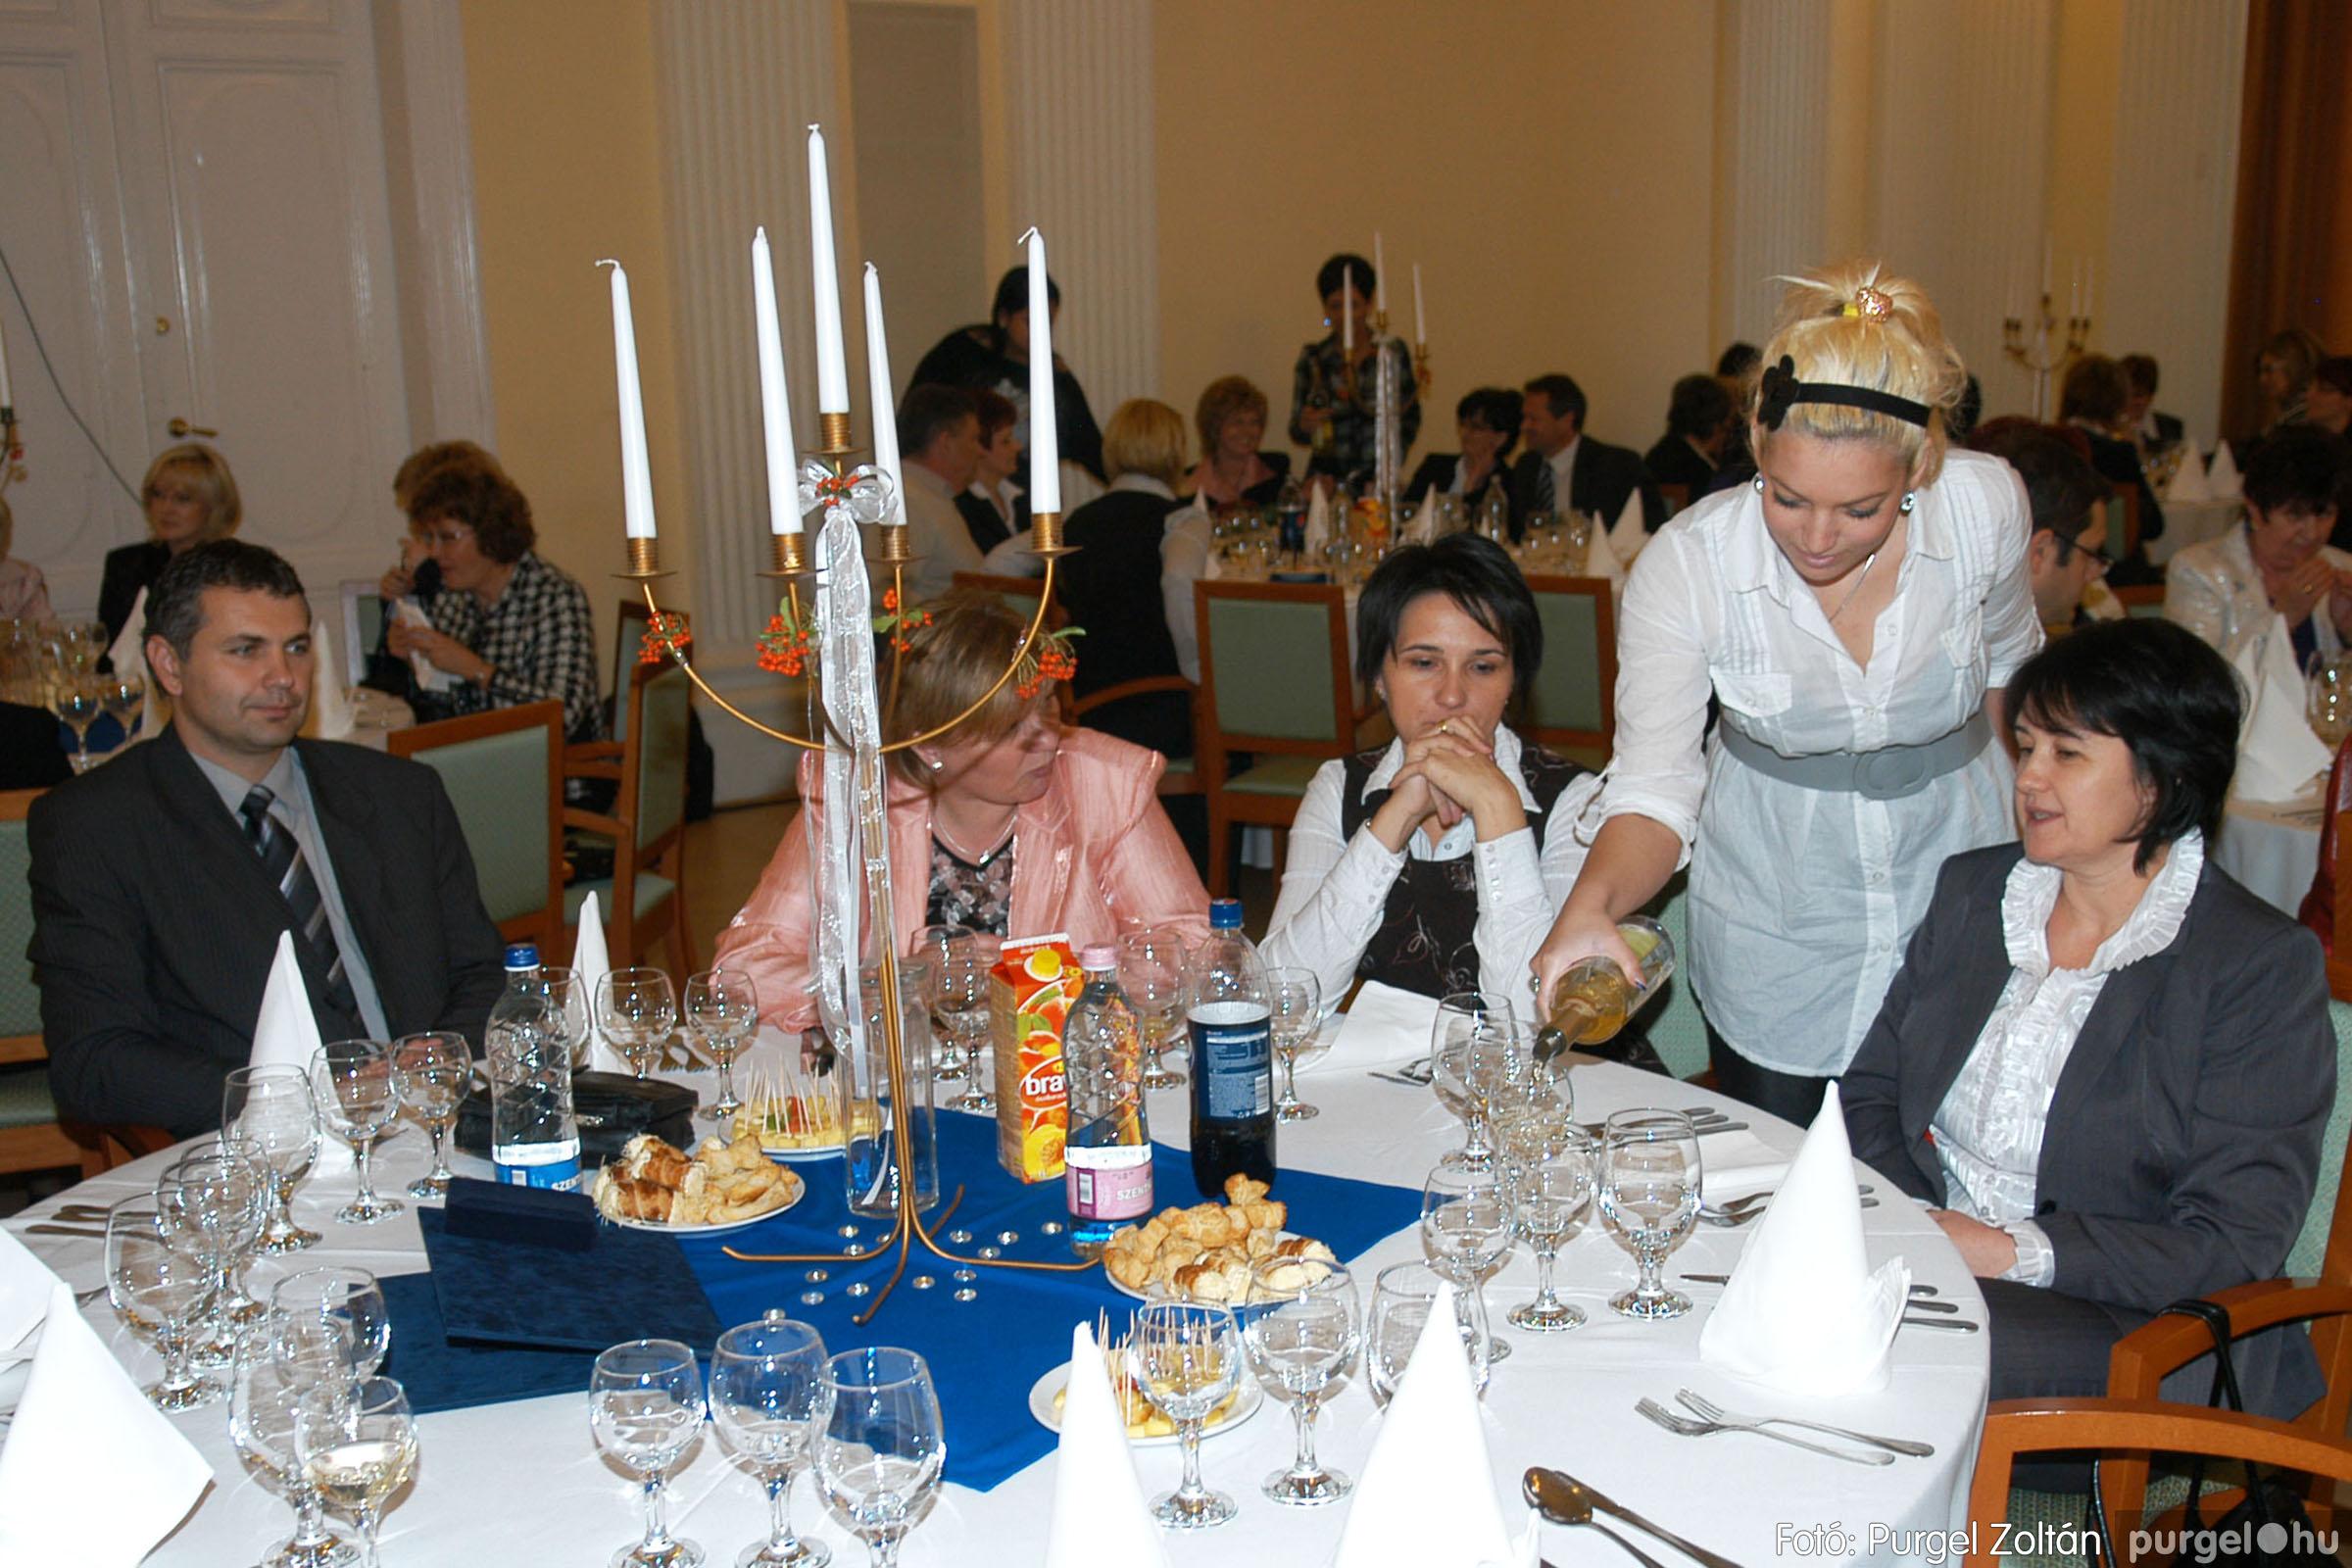 2010.10.28. 175 Szegvár és Vidéke Takarékszövetkezet takarékossági világnap rendezvény - Fotó:P. Z..jpg